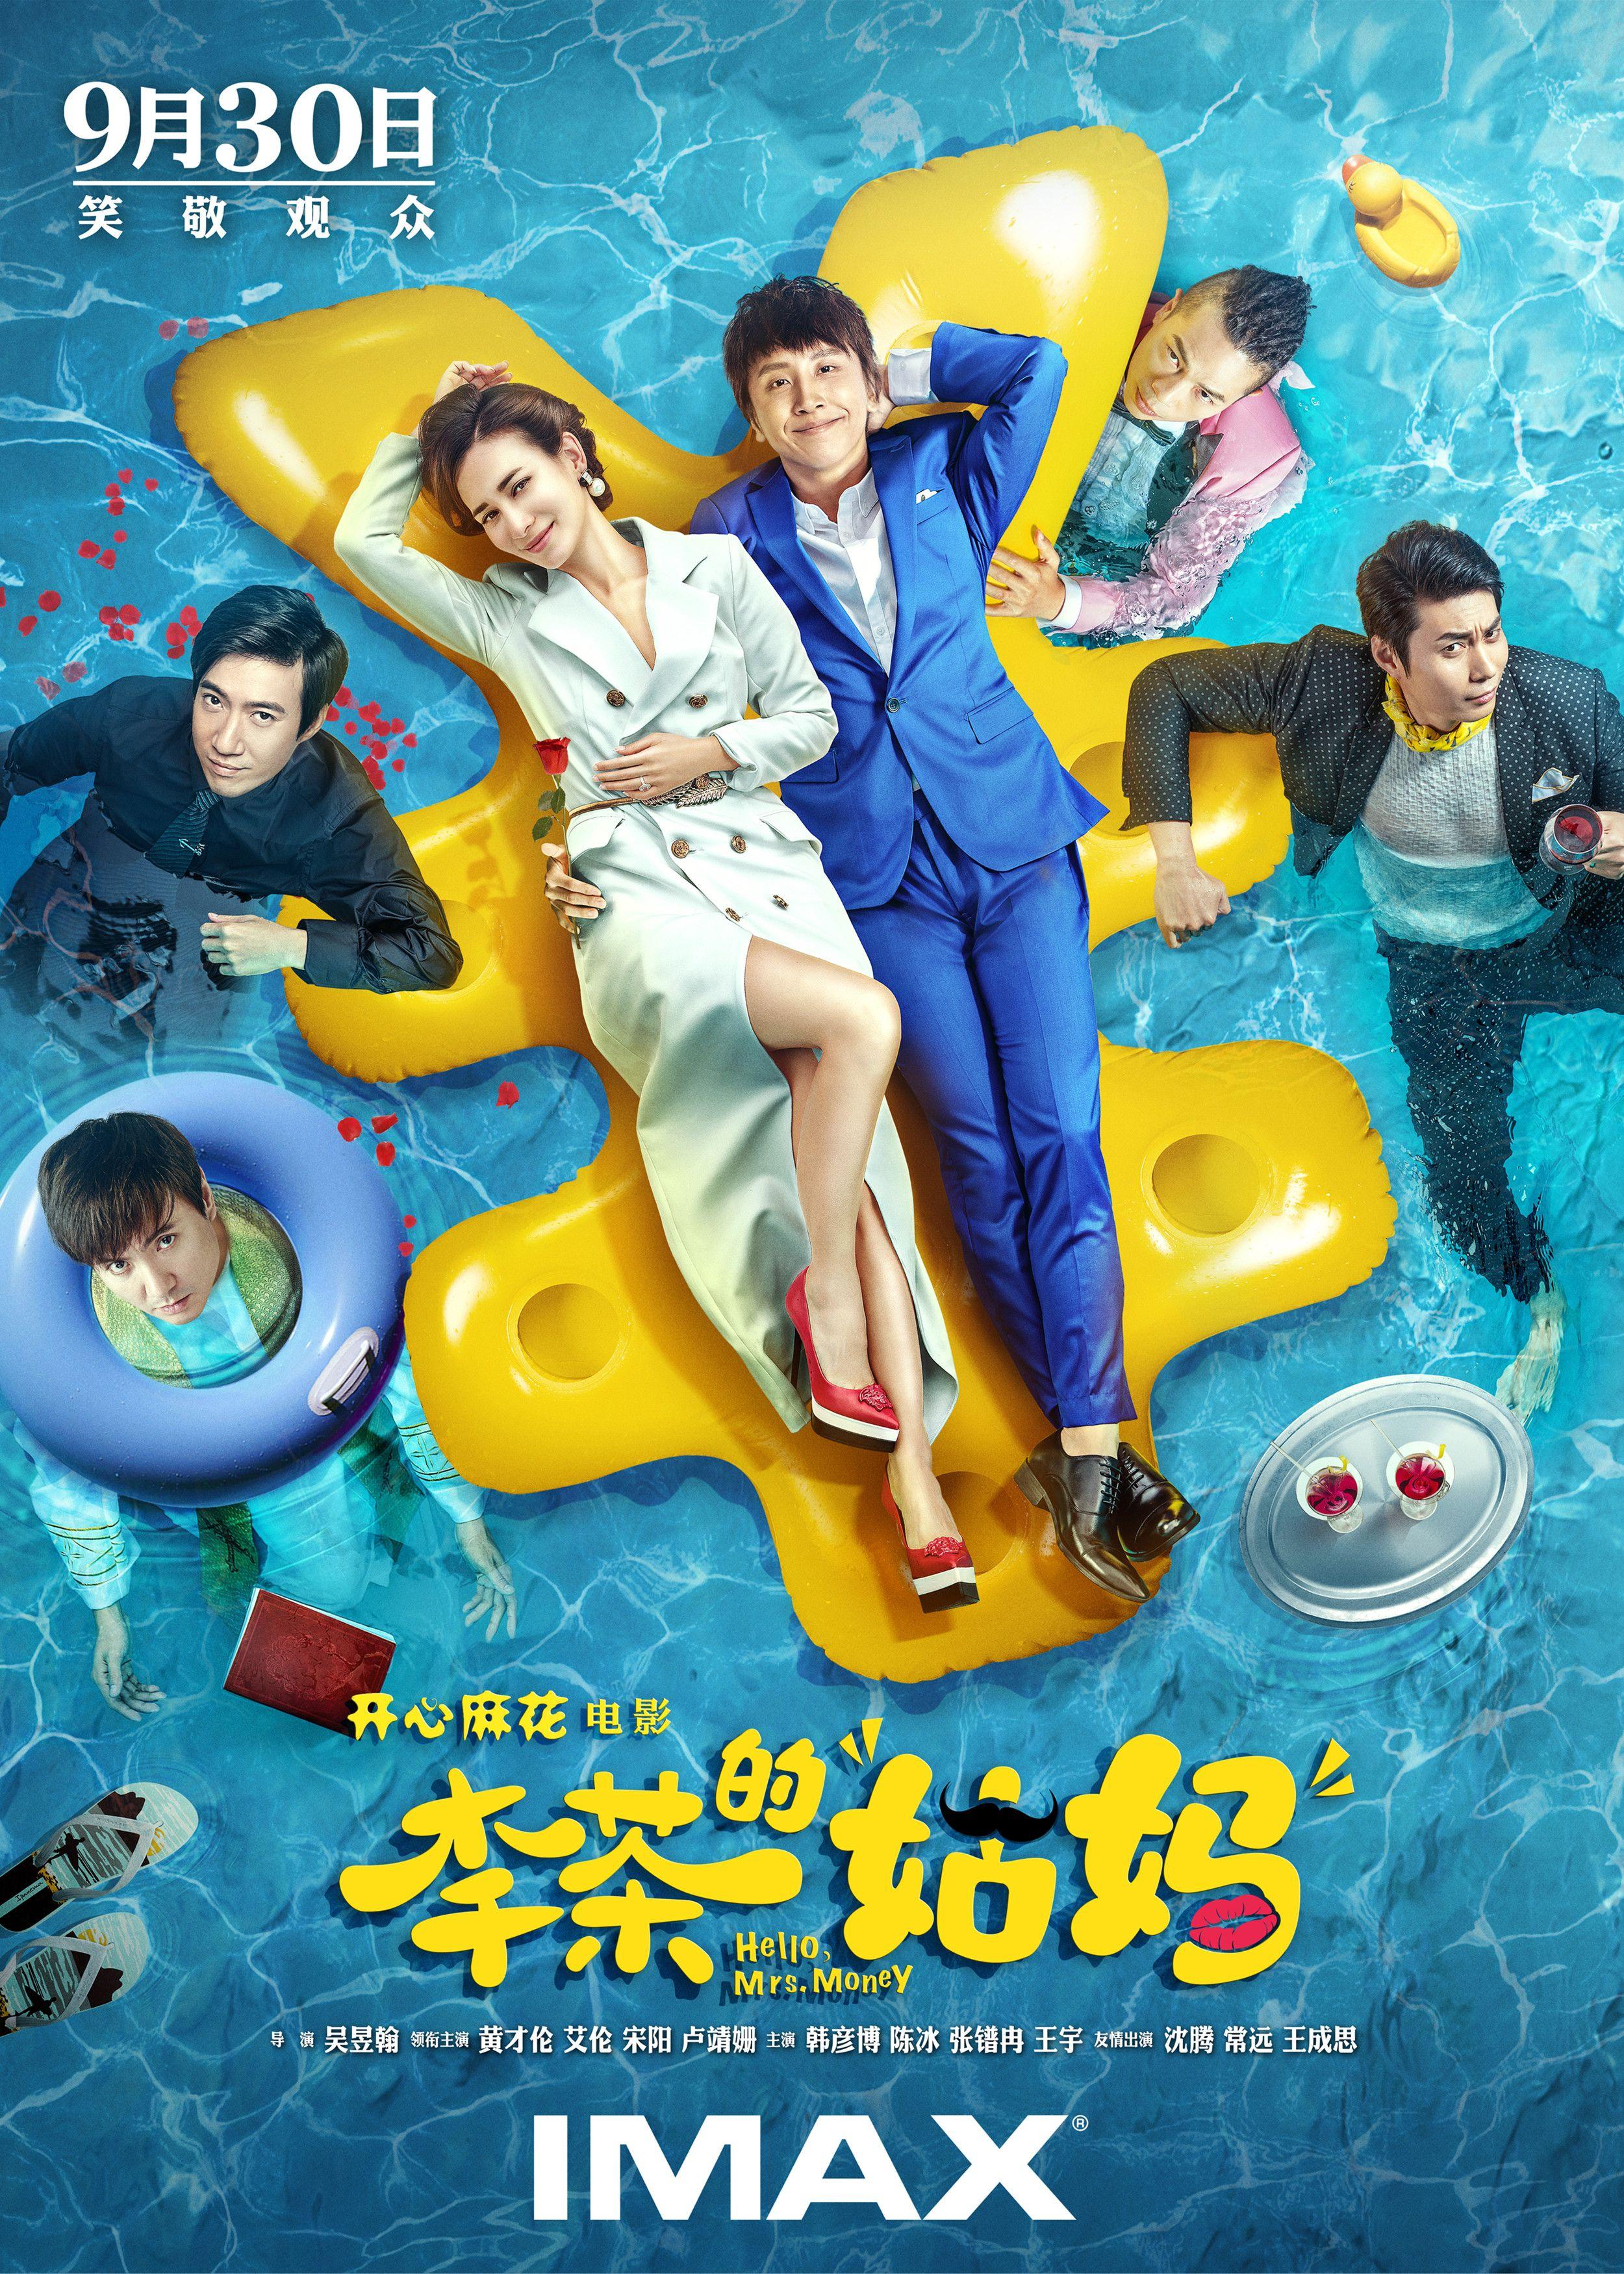 《李茶的姑妈》将于9月30日国庆档登陆中国IMAX影院